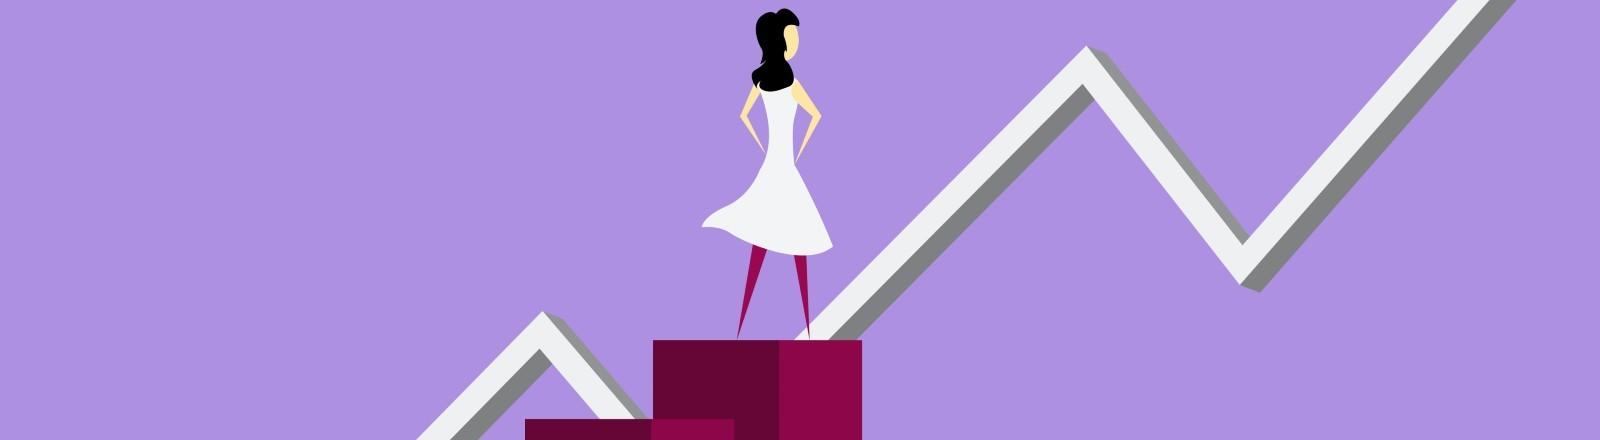 Illustration: Eine Frau steht auf Blöcken, hinter ihr ein Aktienpfeilverlauf